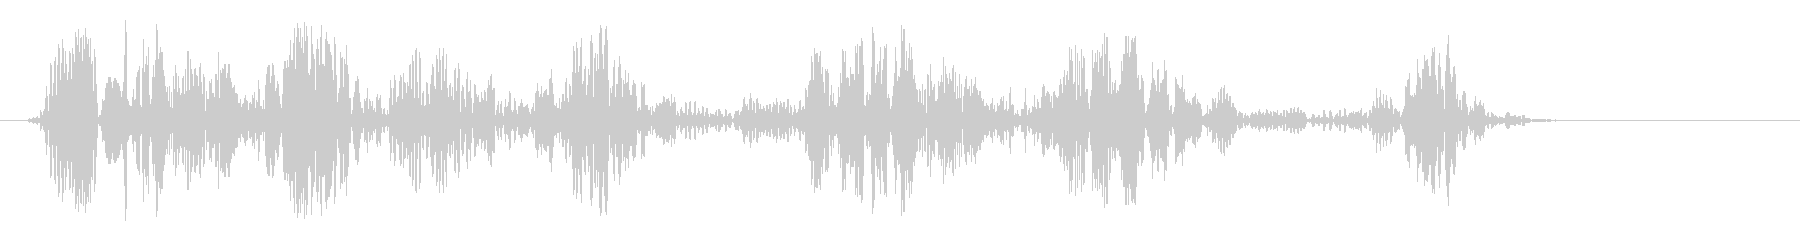 シュワワ(ロープの音)の未再生の波形